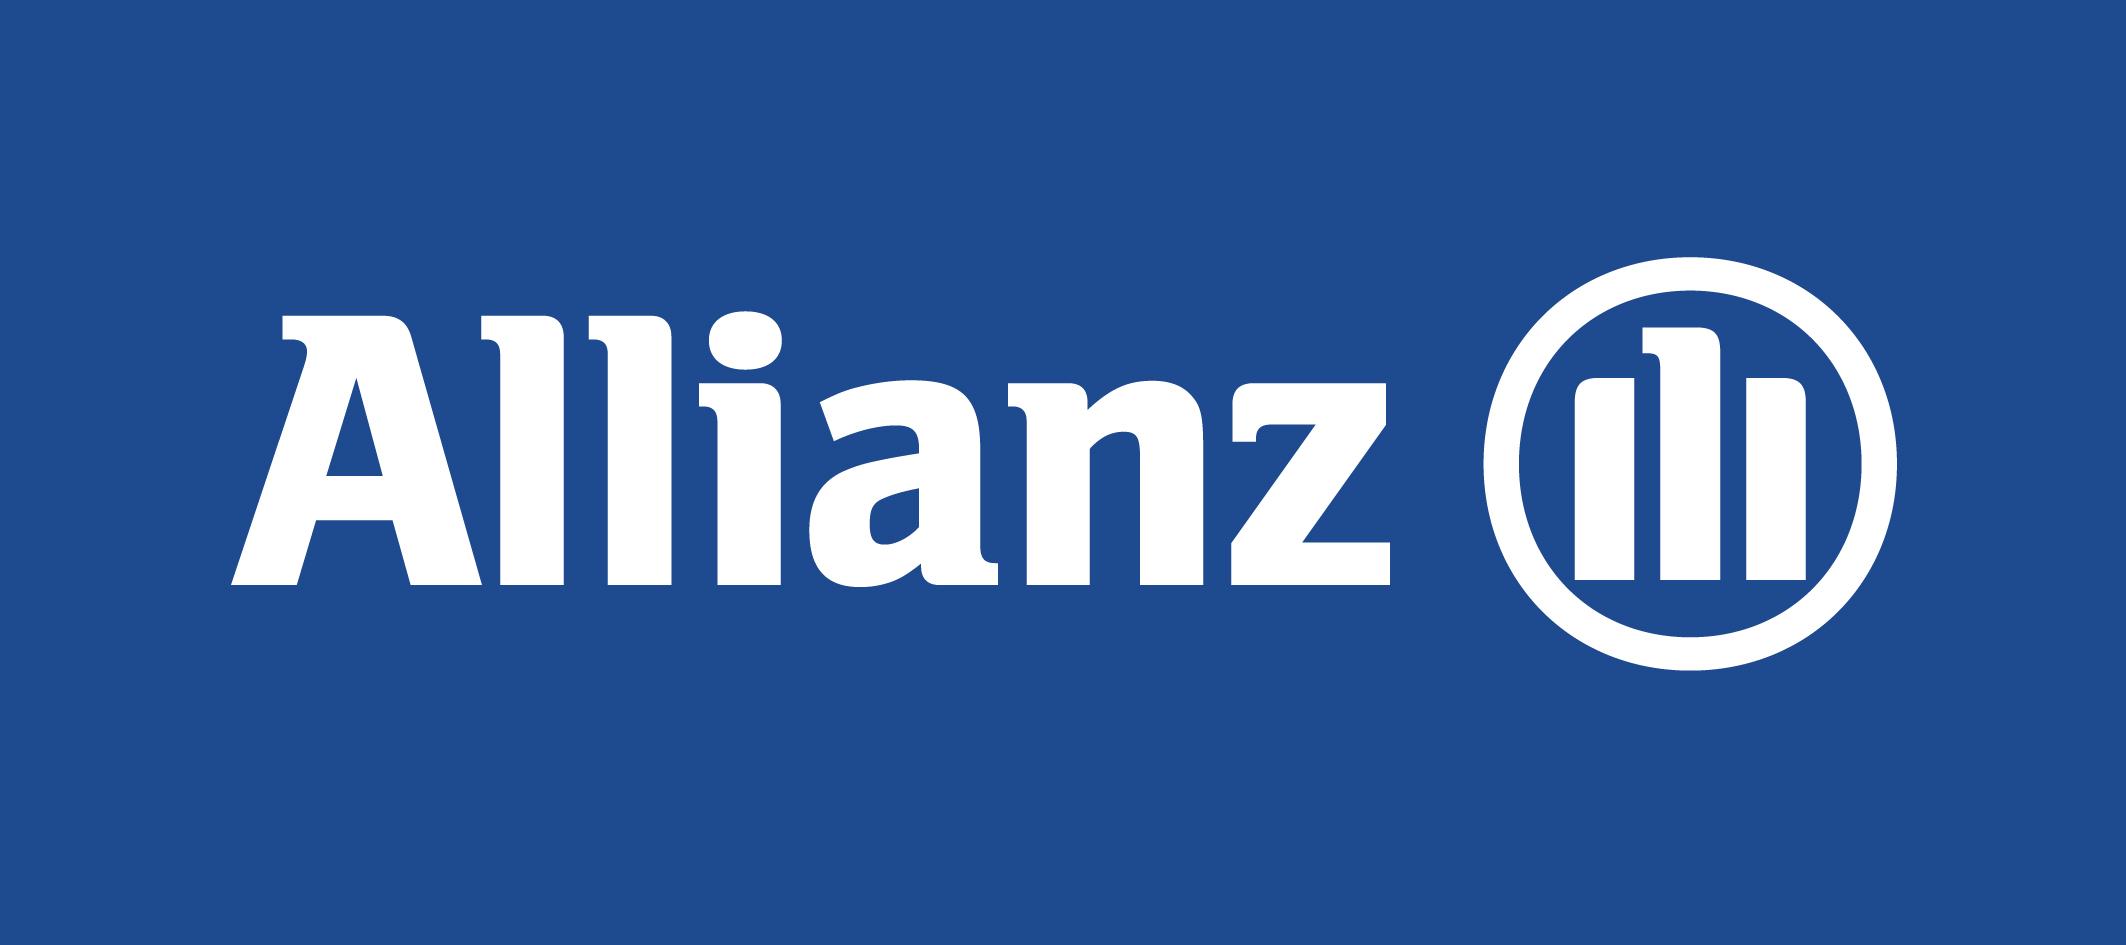 AZ_Logo_PMS_287c